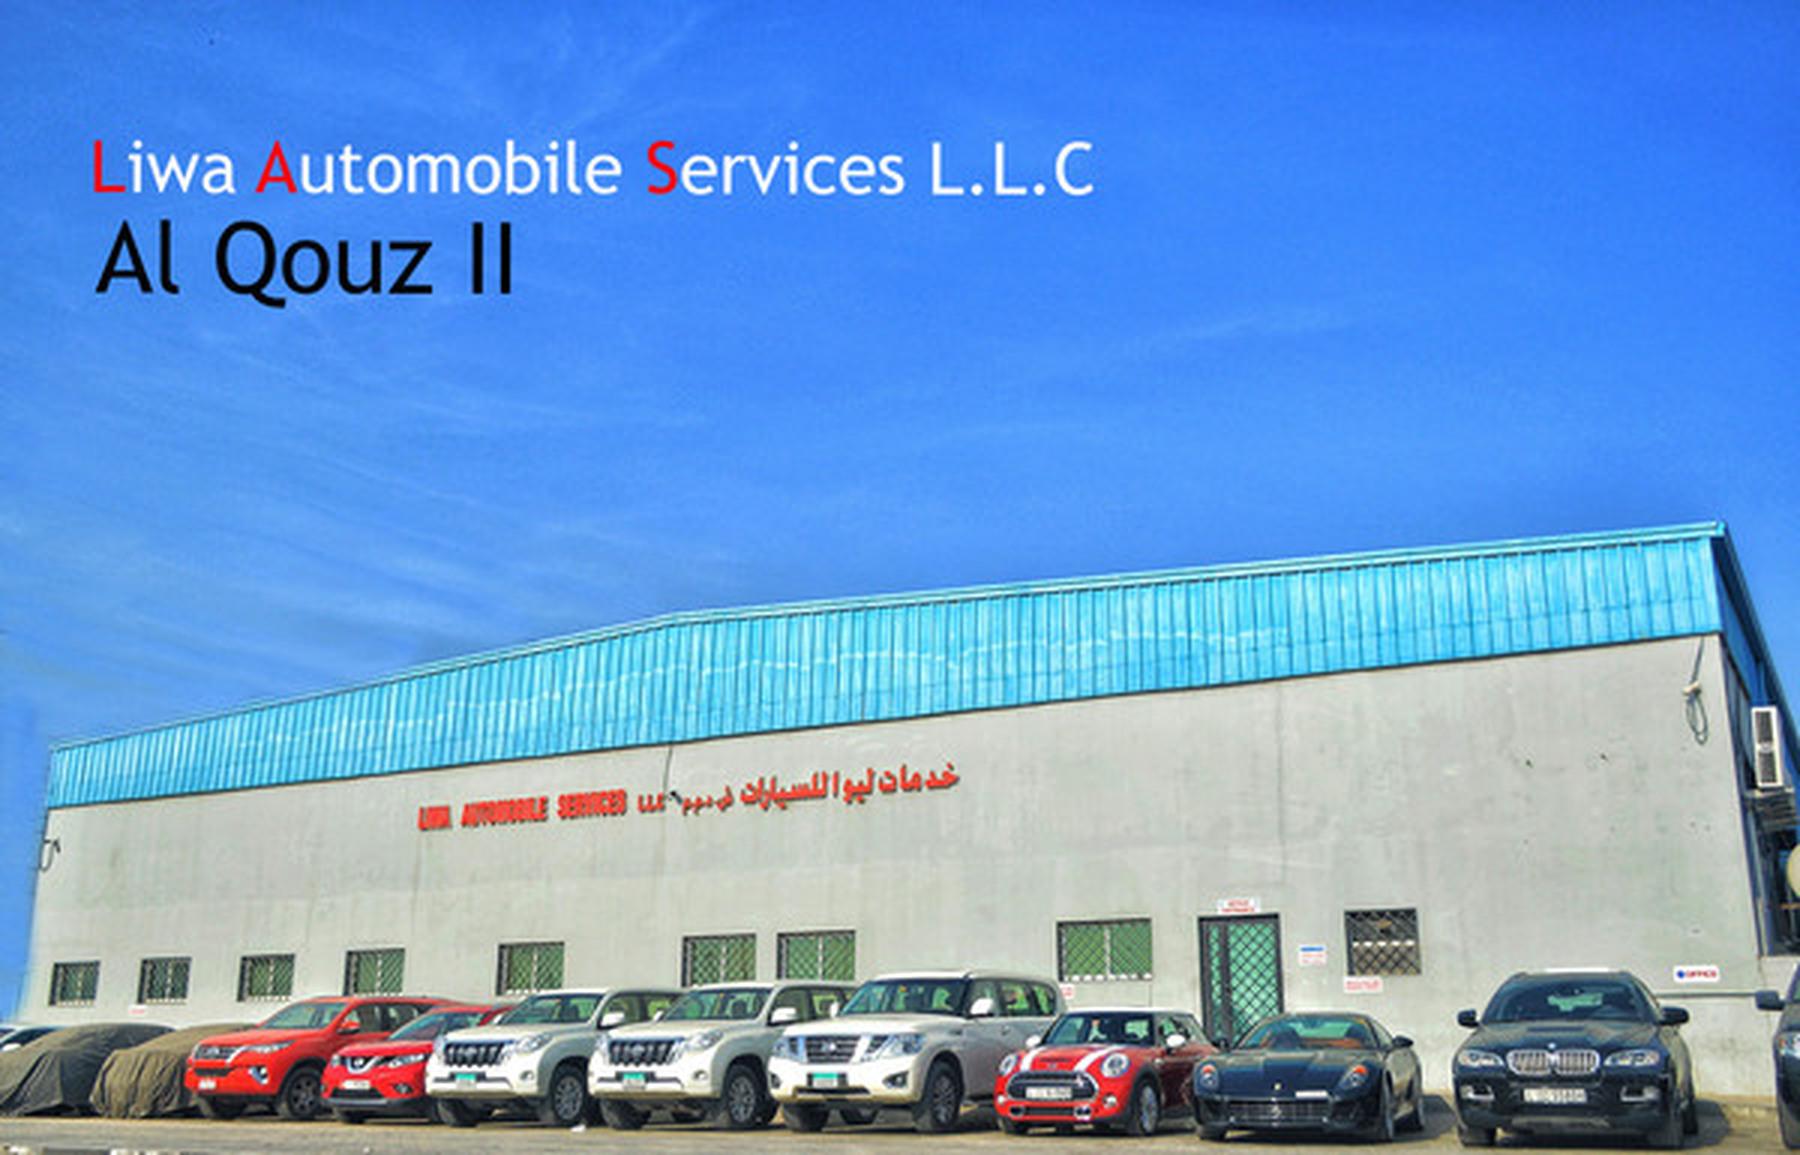 Liwa Automobile Services L.L.C